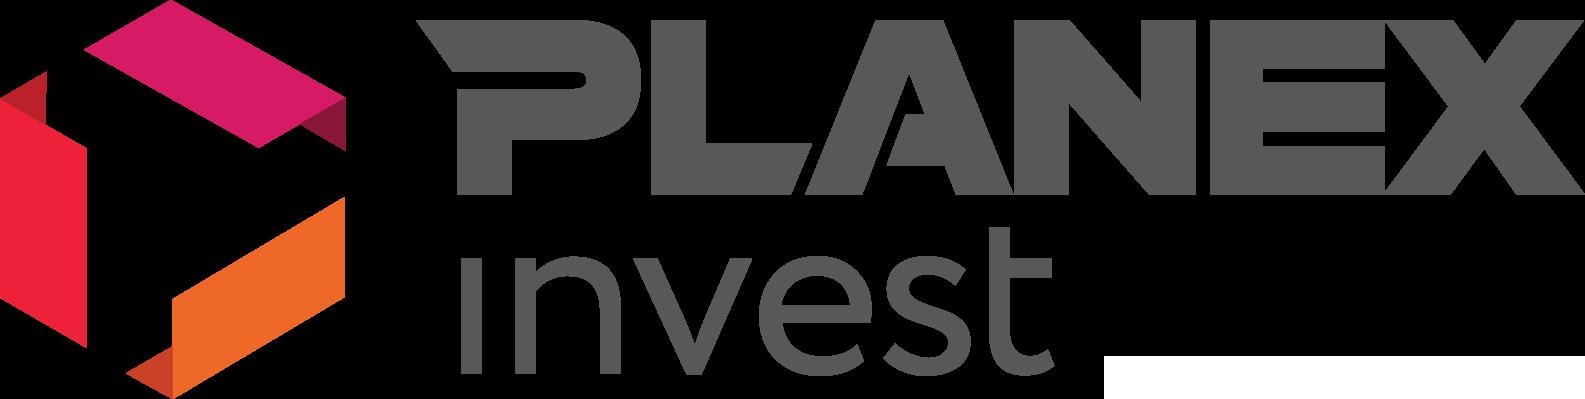 Planex Invest